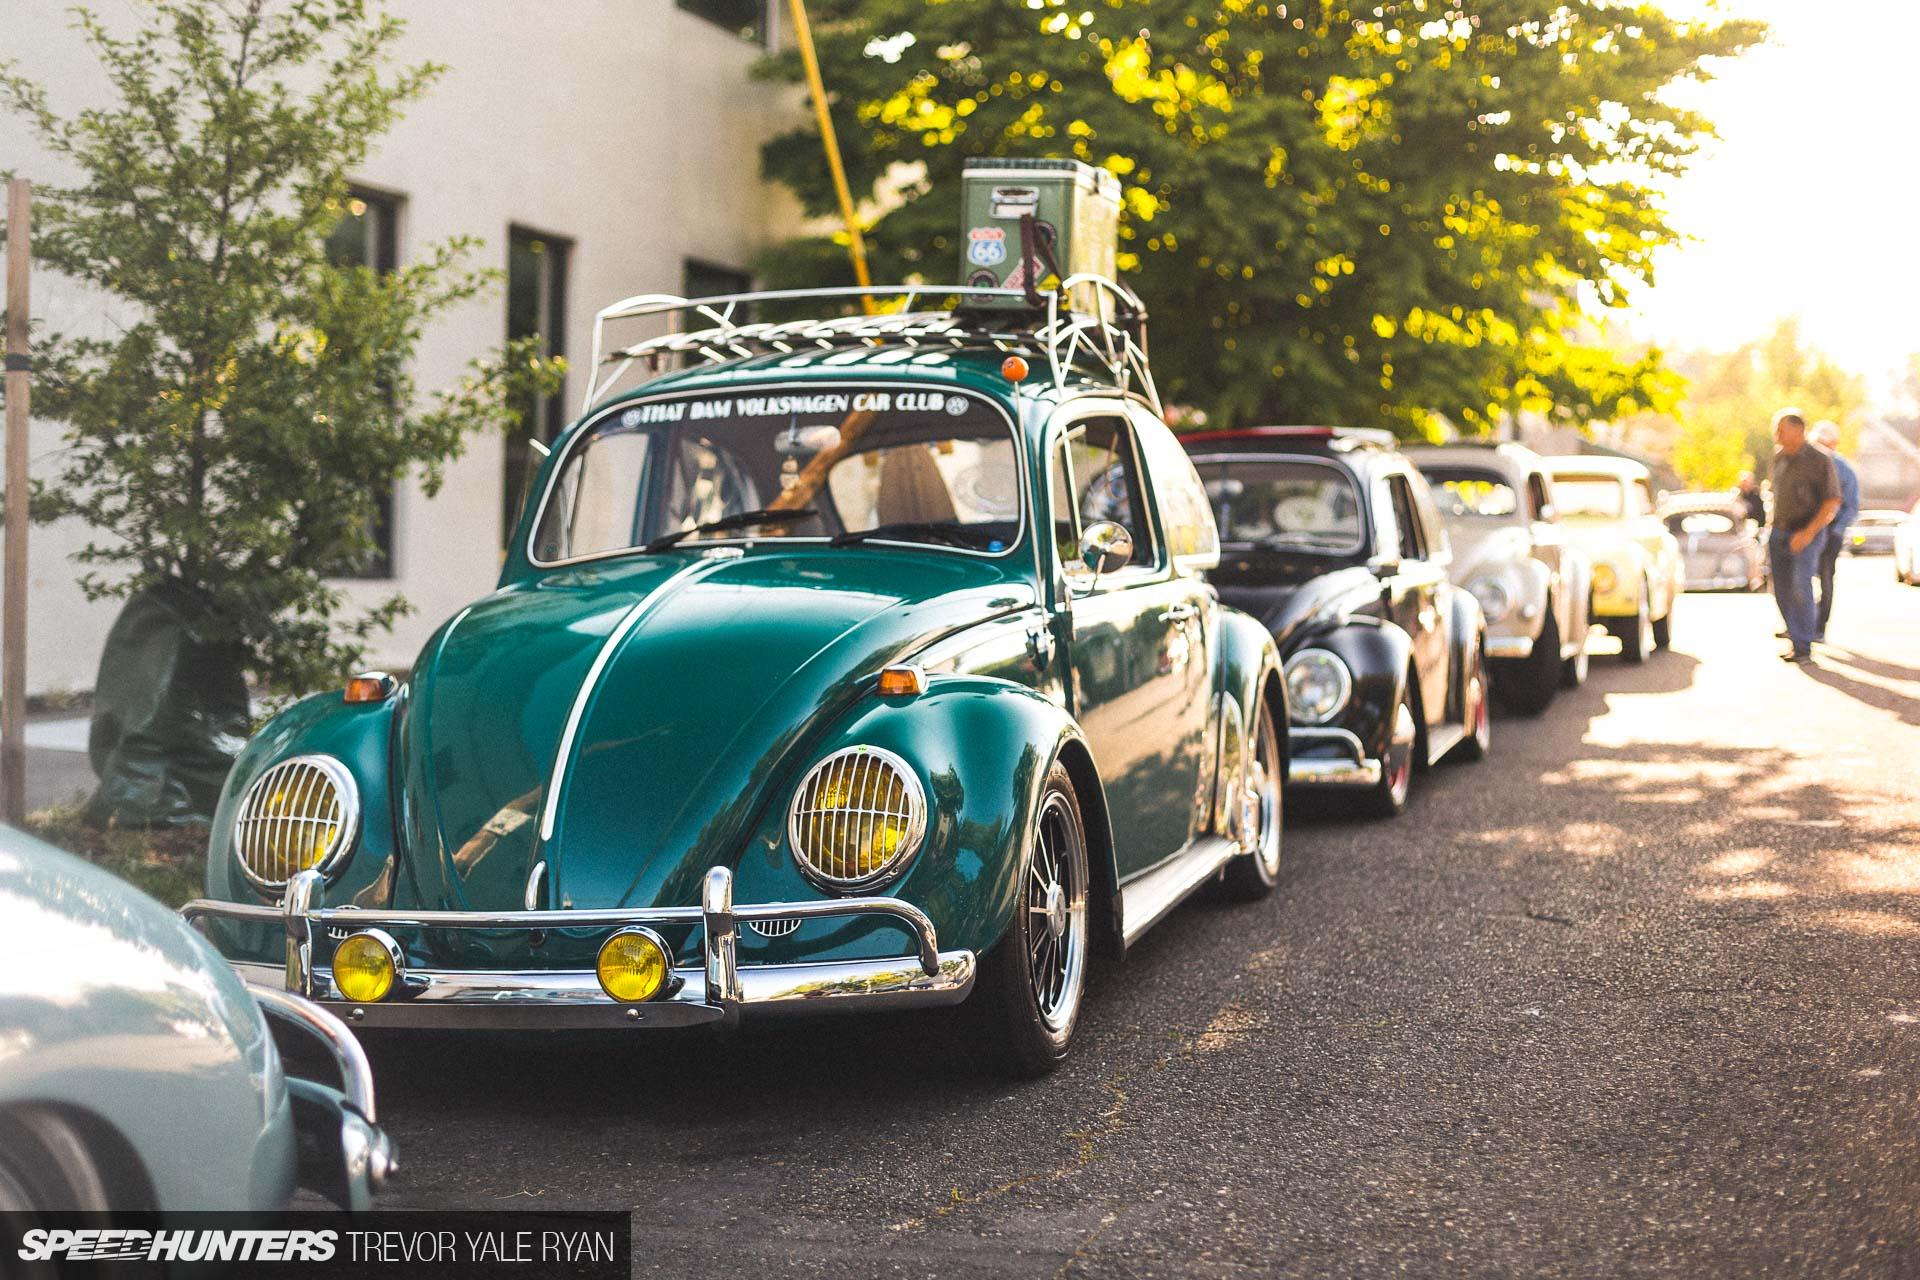 The VW Beetle: Rough Beginnings & SoftEndings